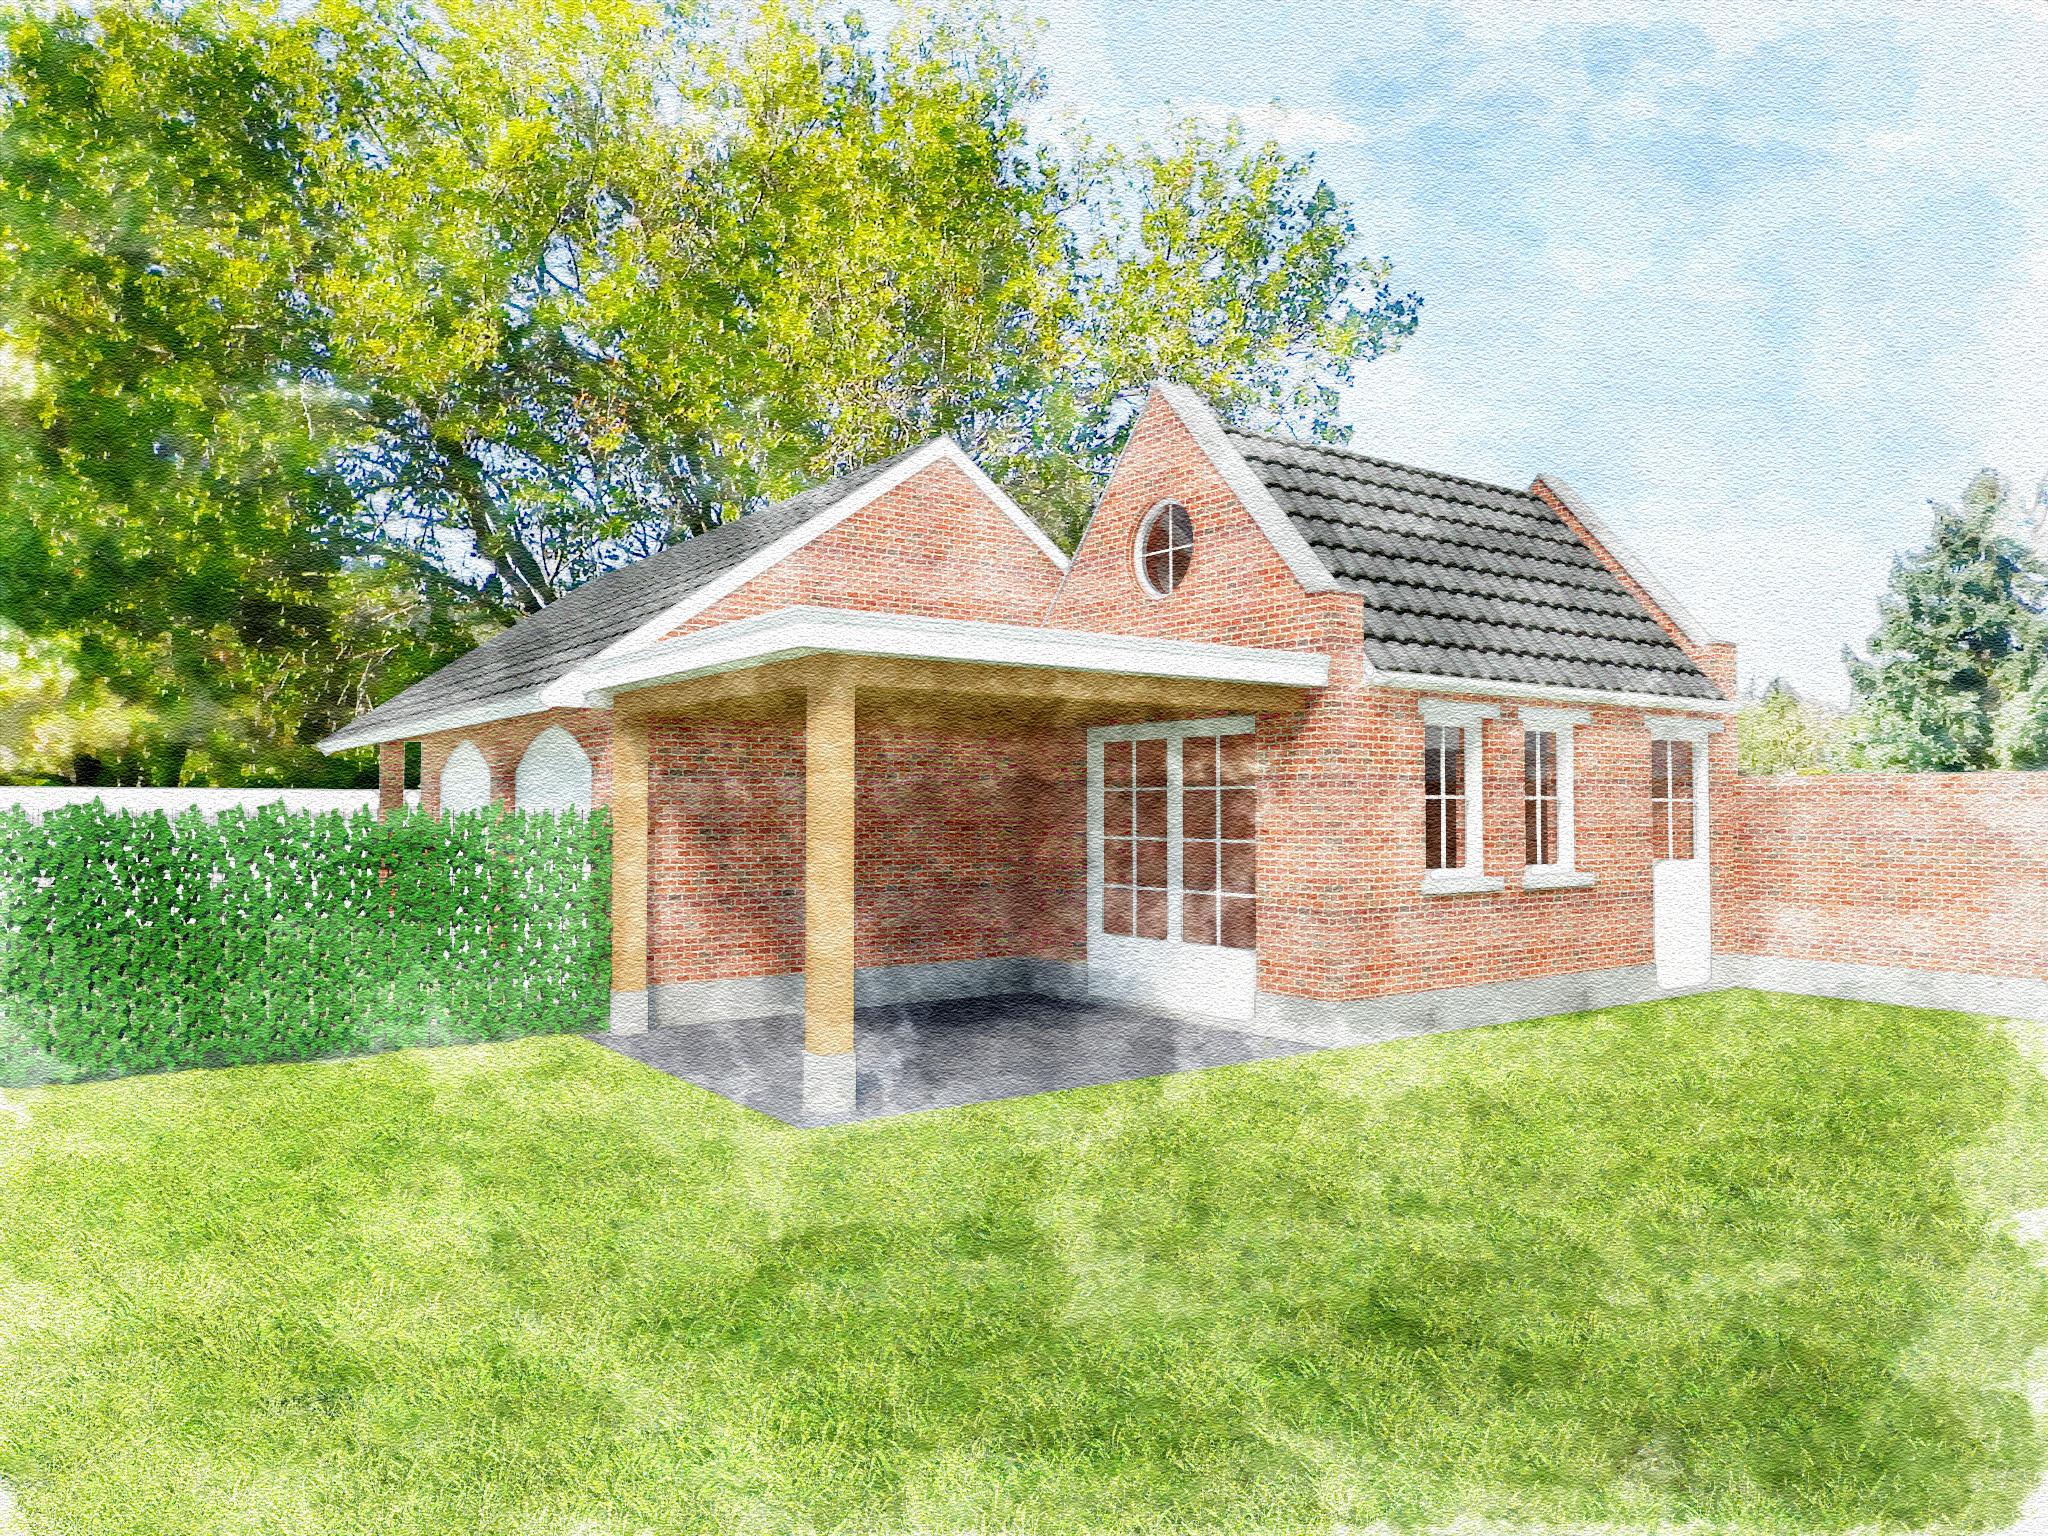 Nieuwbouw tuinhuis met overkapping